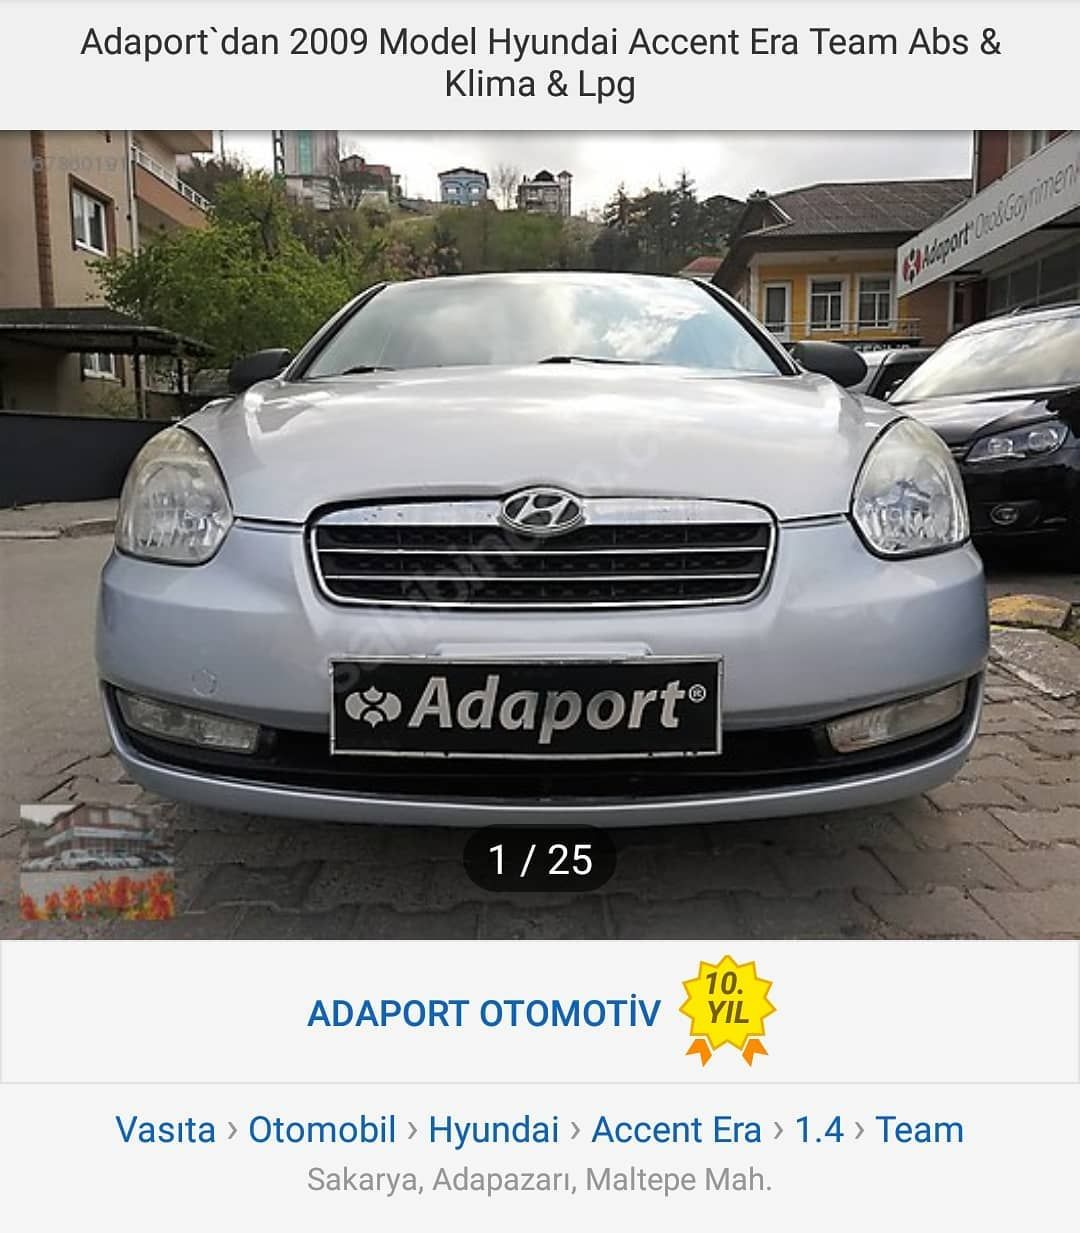 hyundai accent hyundai bmw car